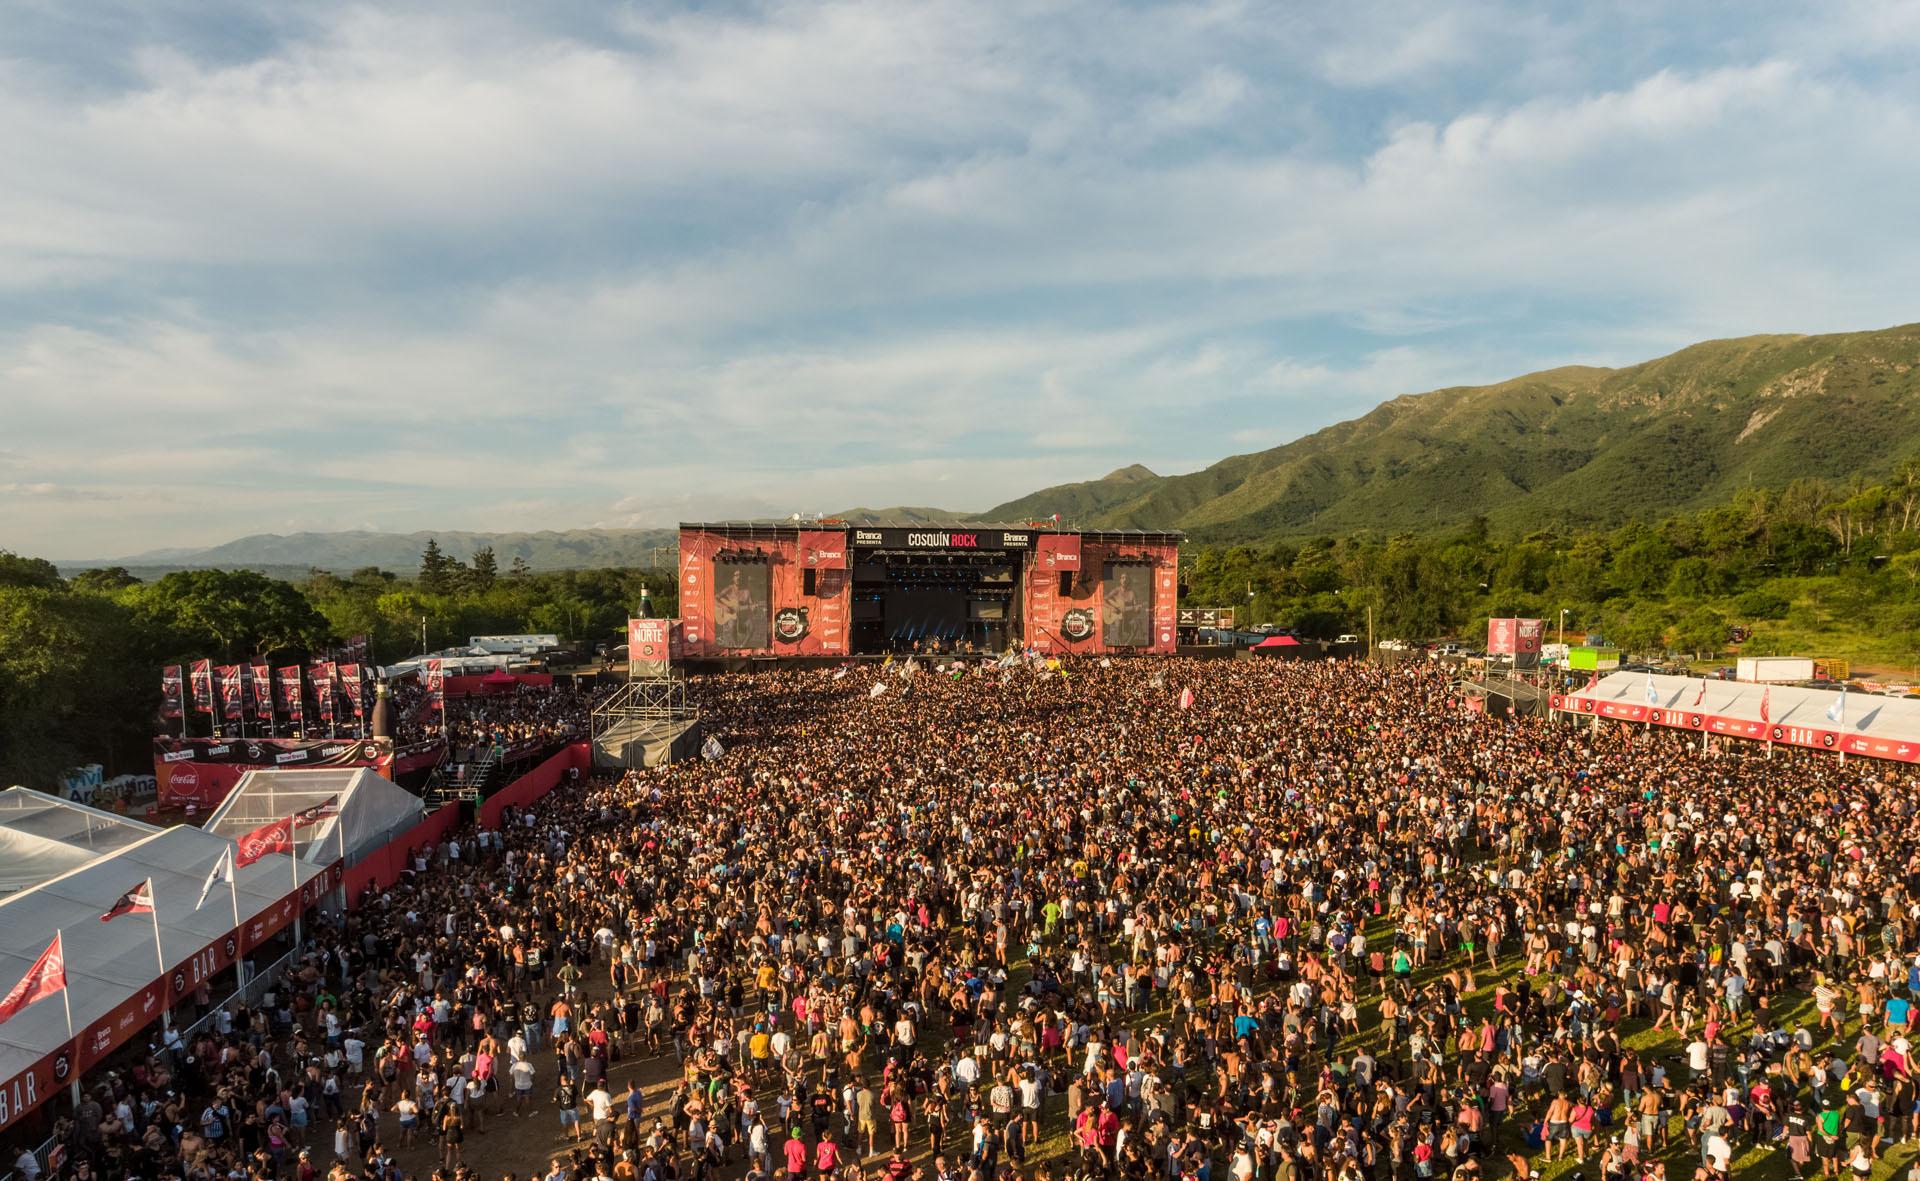 Una multitud entre las sierras, cautiva por el rock. 55 mil personas presenciaron la jornada del domingo; 120 mil hubo entre los dos días (Cosquín Rock / Sepia Foto Agencia)